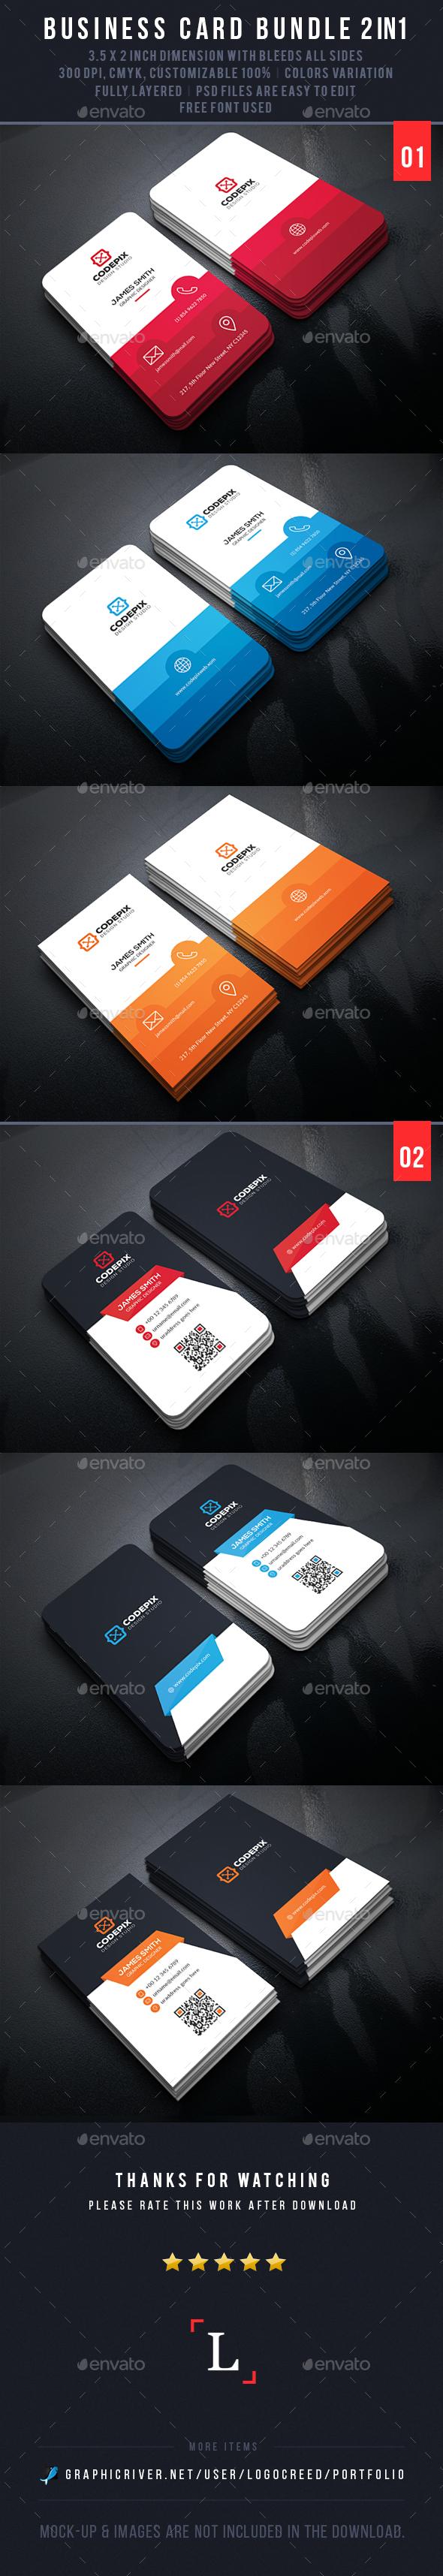 Colors Business Card Bundle - Business Cards Print Templates